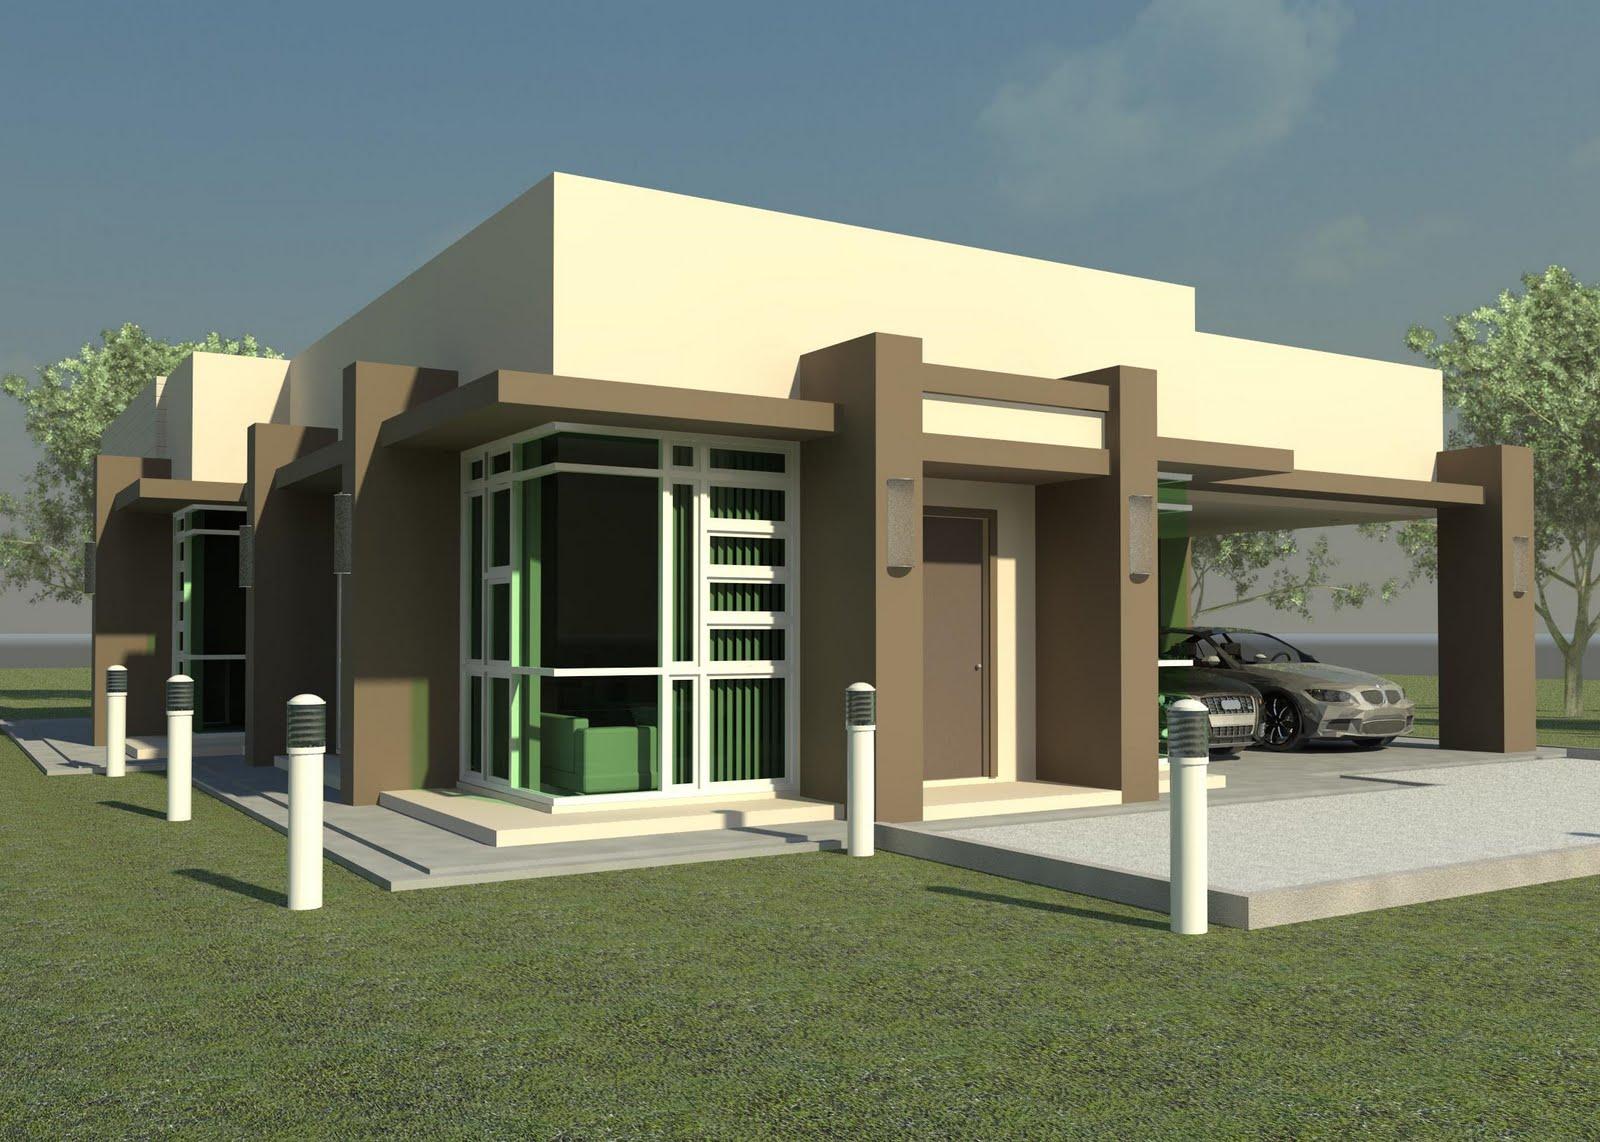 4 plex apartment building plans apartment design ideas for Modern home builders